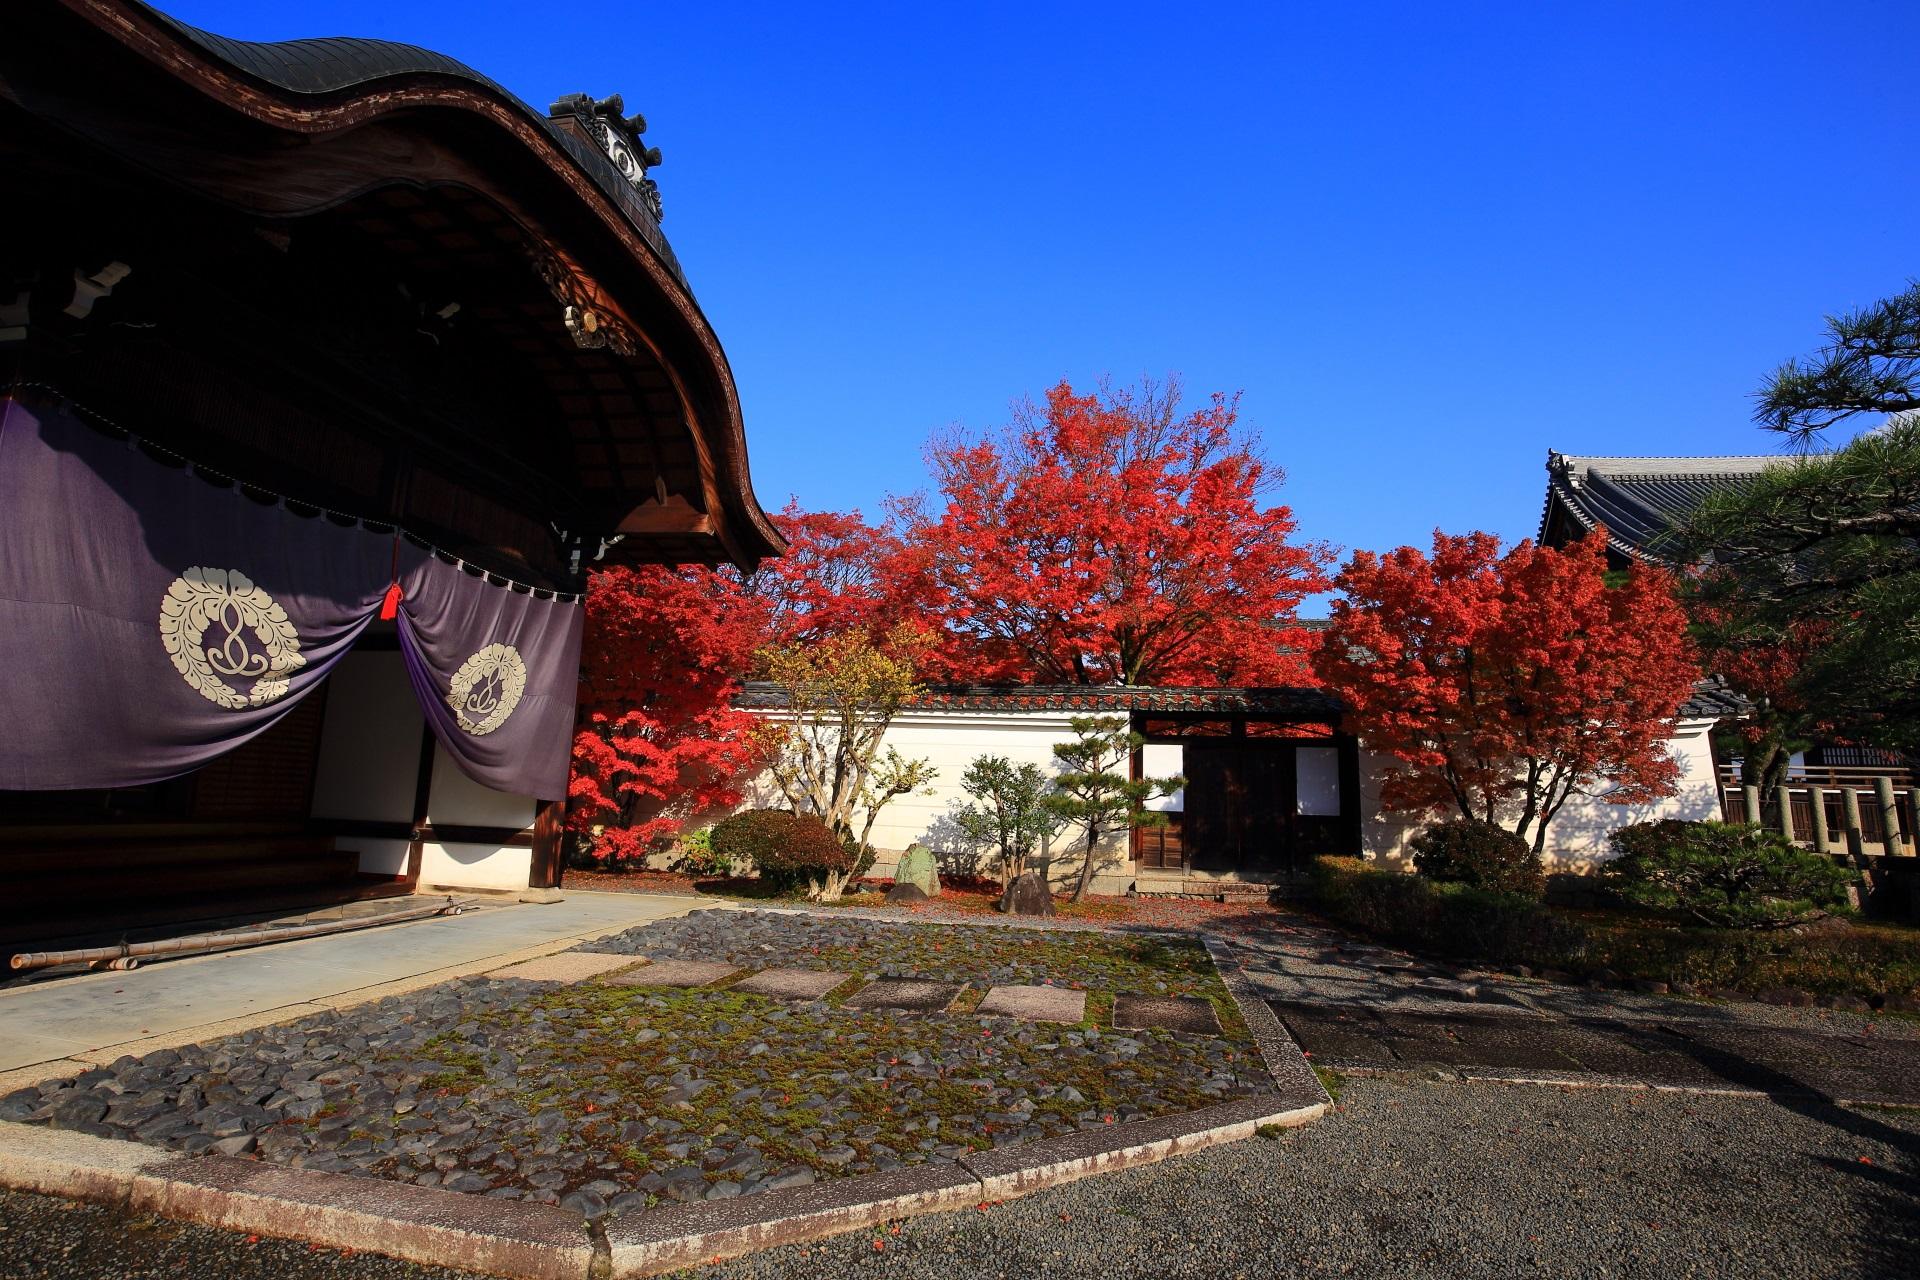 妙覚寺の玄関と燃え上がるような紅葉の絵になる秋の風景